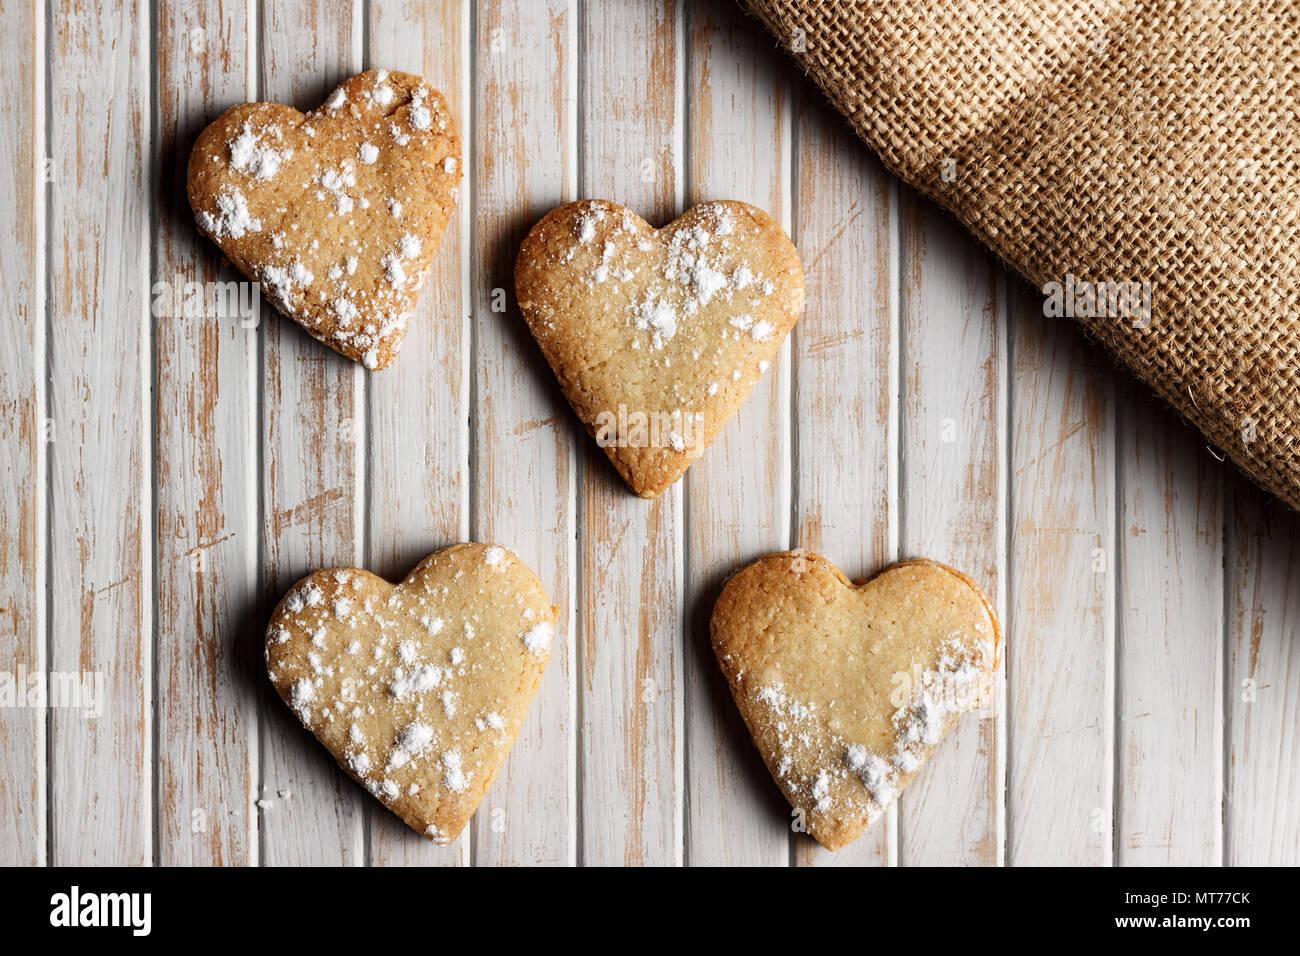 Caseras deliciosas galletas en forma de corazón espolvoreada con azúcar impalpable en una placa de madera. Imagen horizontal visto desde arriba. Imagen De Stock